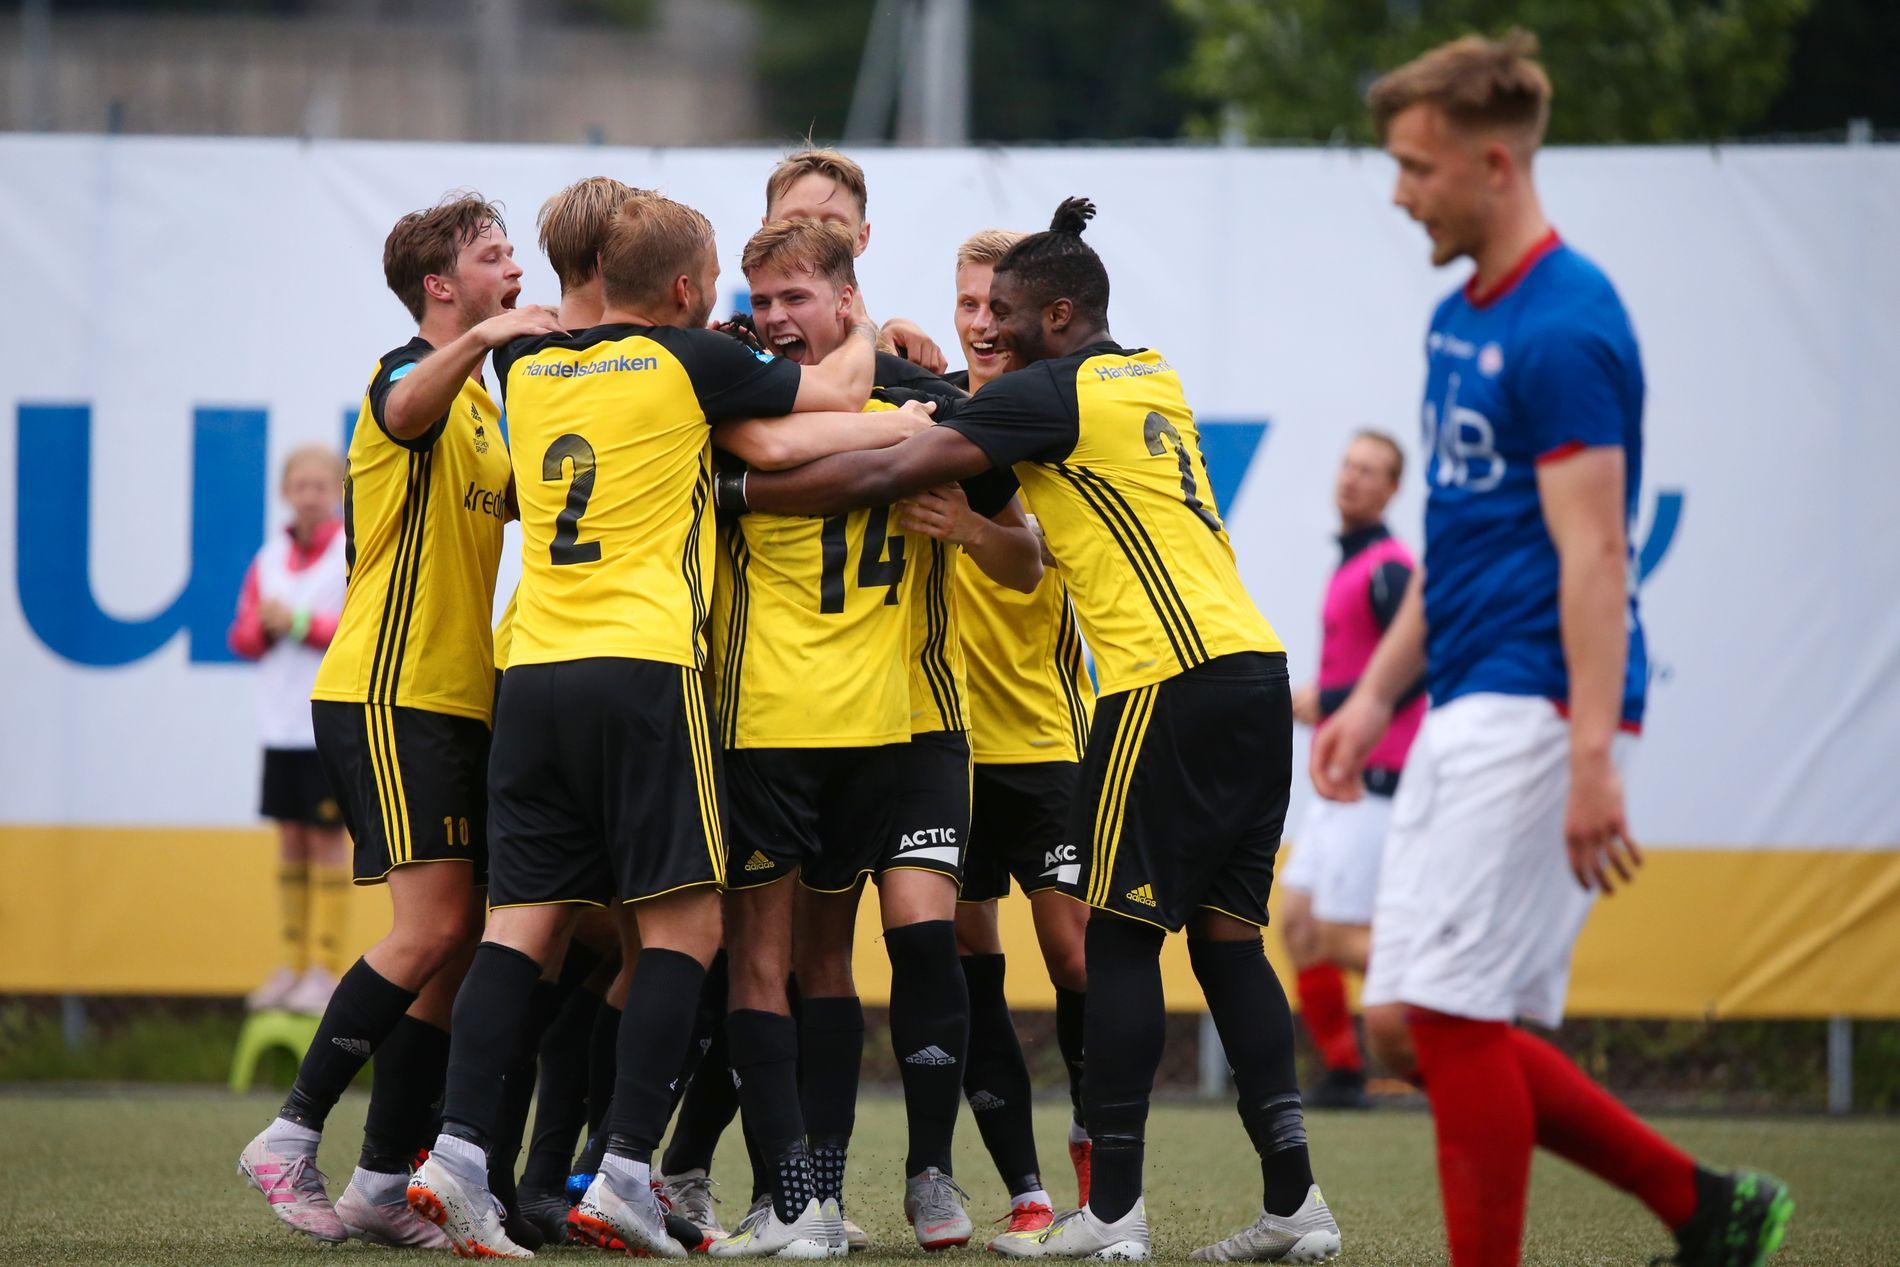 Fem eliteserielag røk ut av cupen onsdag. Vålerenga slapp inn fem mot 2. divisjonsklubben Bærum.